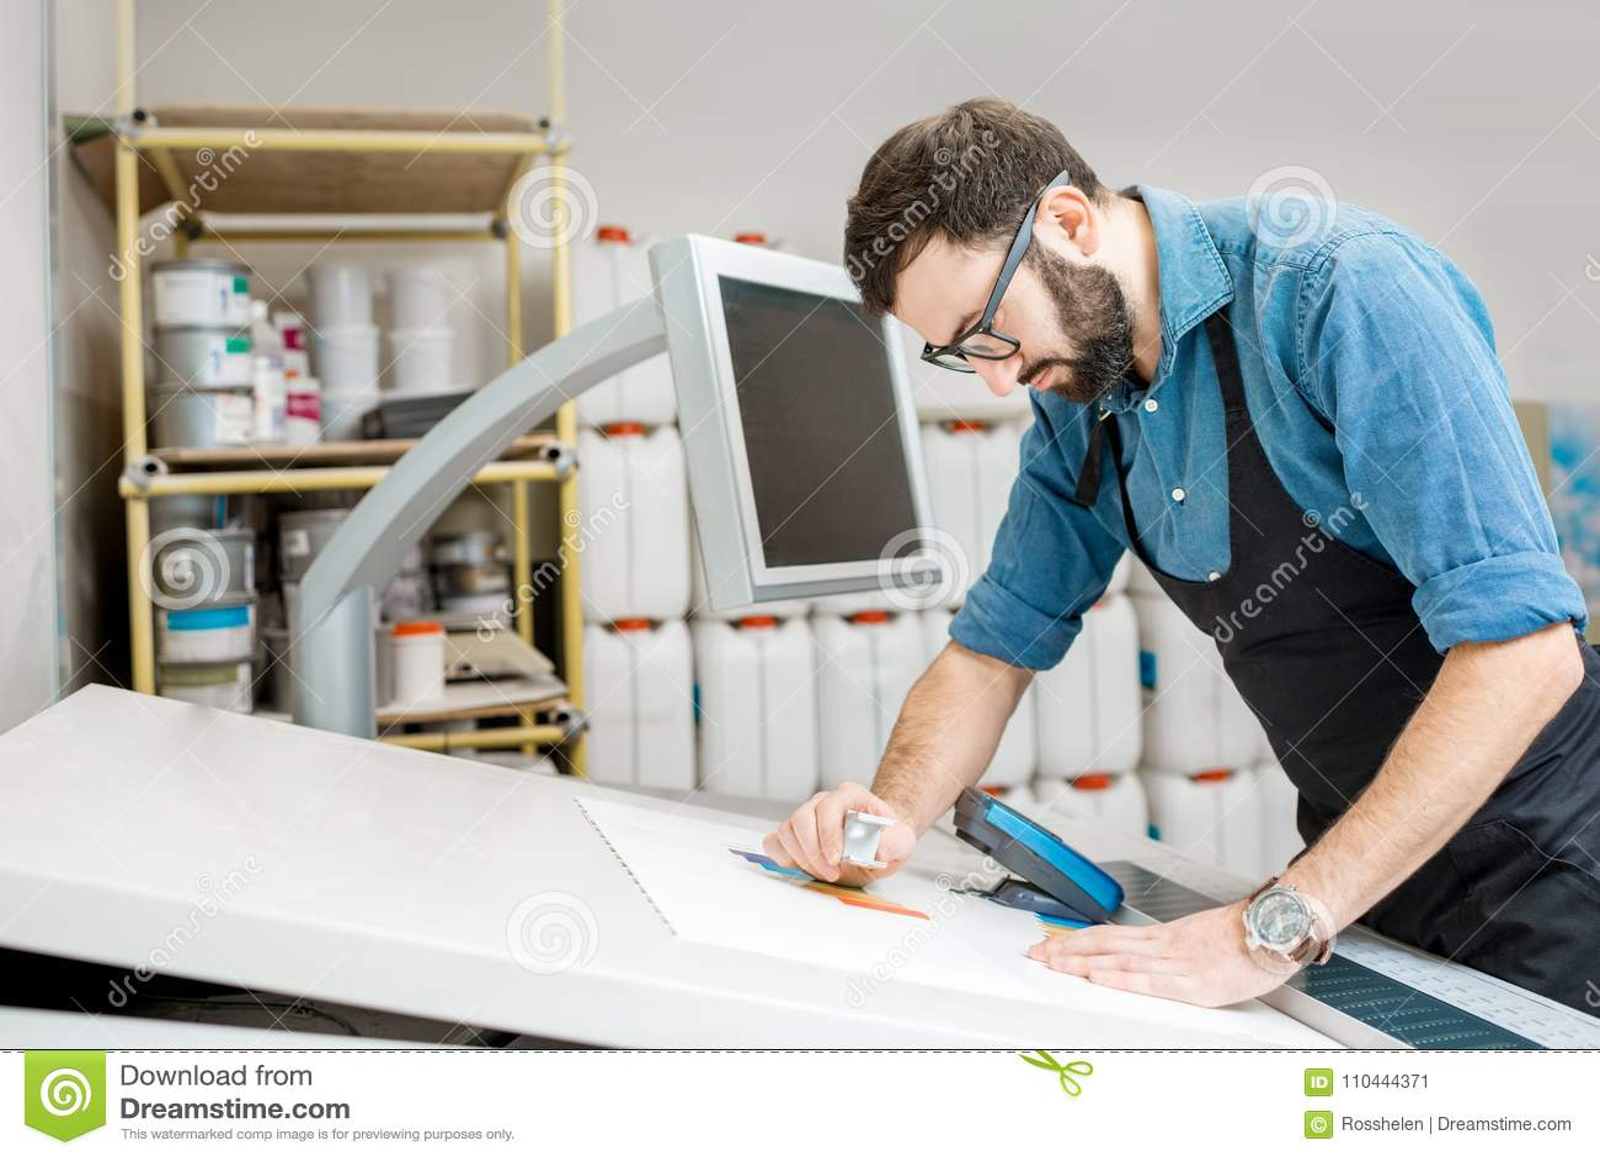 Verificando a qualidade da impressão com a lupa